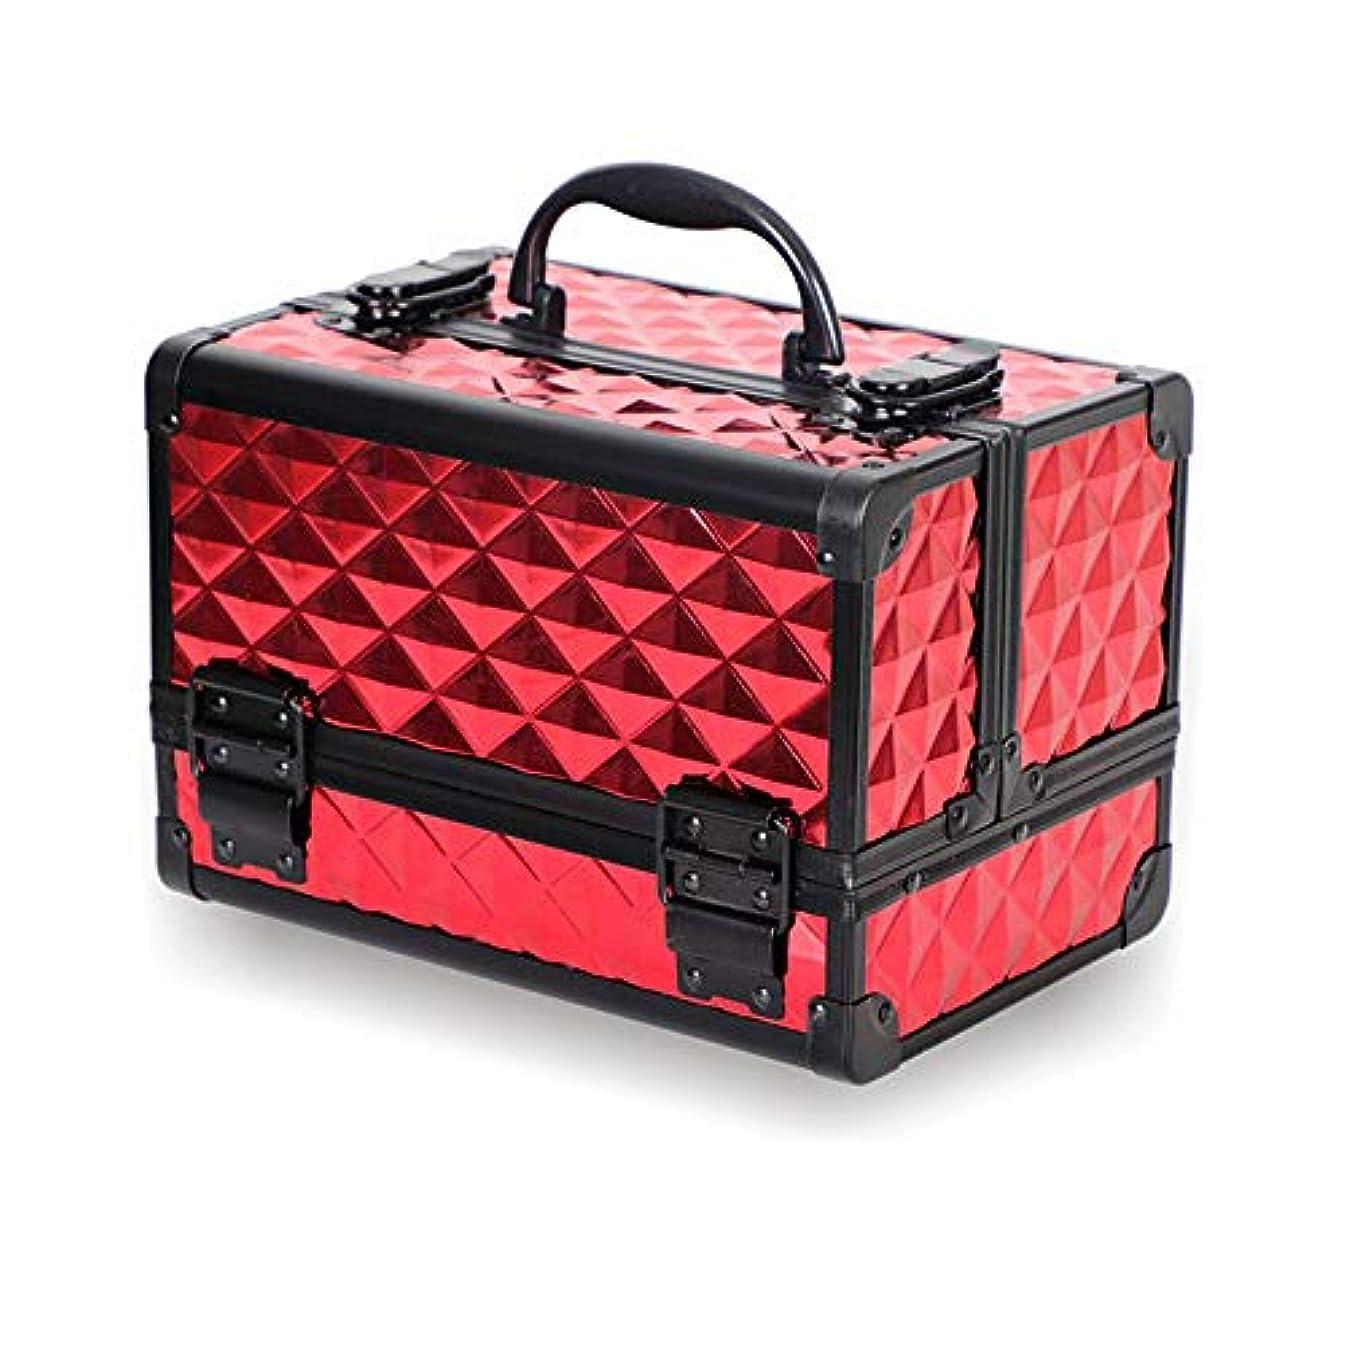 赤ちゃん酔っ払い深遠特大スペース収納ビューティーボックス 美の構造のためそしてジッパーおよび折る皿が付いている女の子の女性旅行そして毎日の貯蔵のための高容量の携帯用化粧品袋 化粧品化粧台 (色 : 赤)